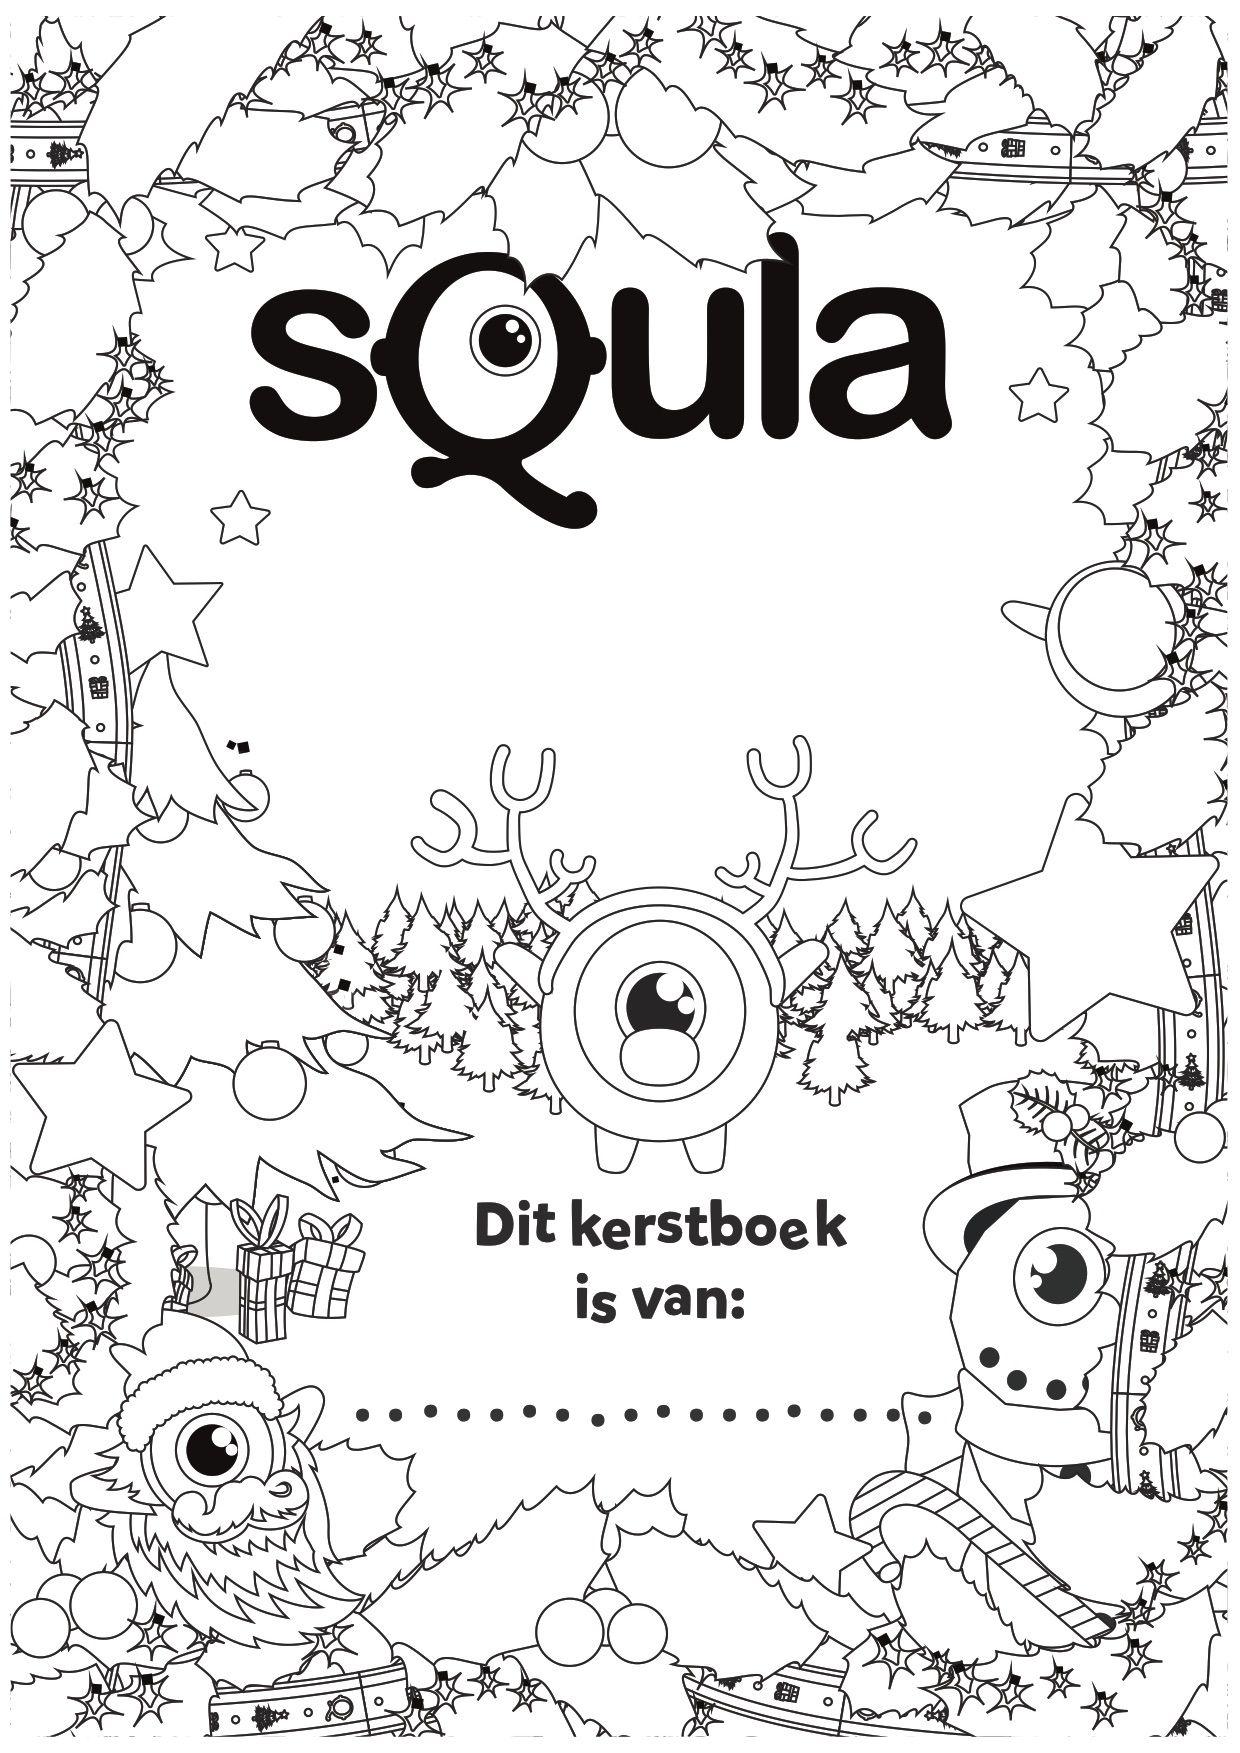 Kleurplaten Voor Kinderen Leuk En Leerzaam Gratis Downloaden Kerst Knutselen Kerstmis Kleurplaten Kleurplaten Voor Kinderen